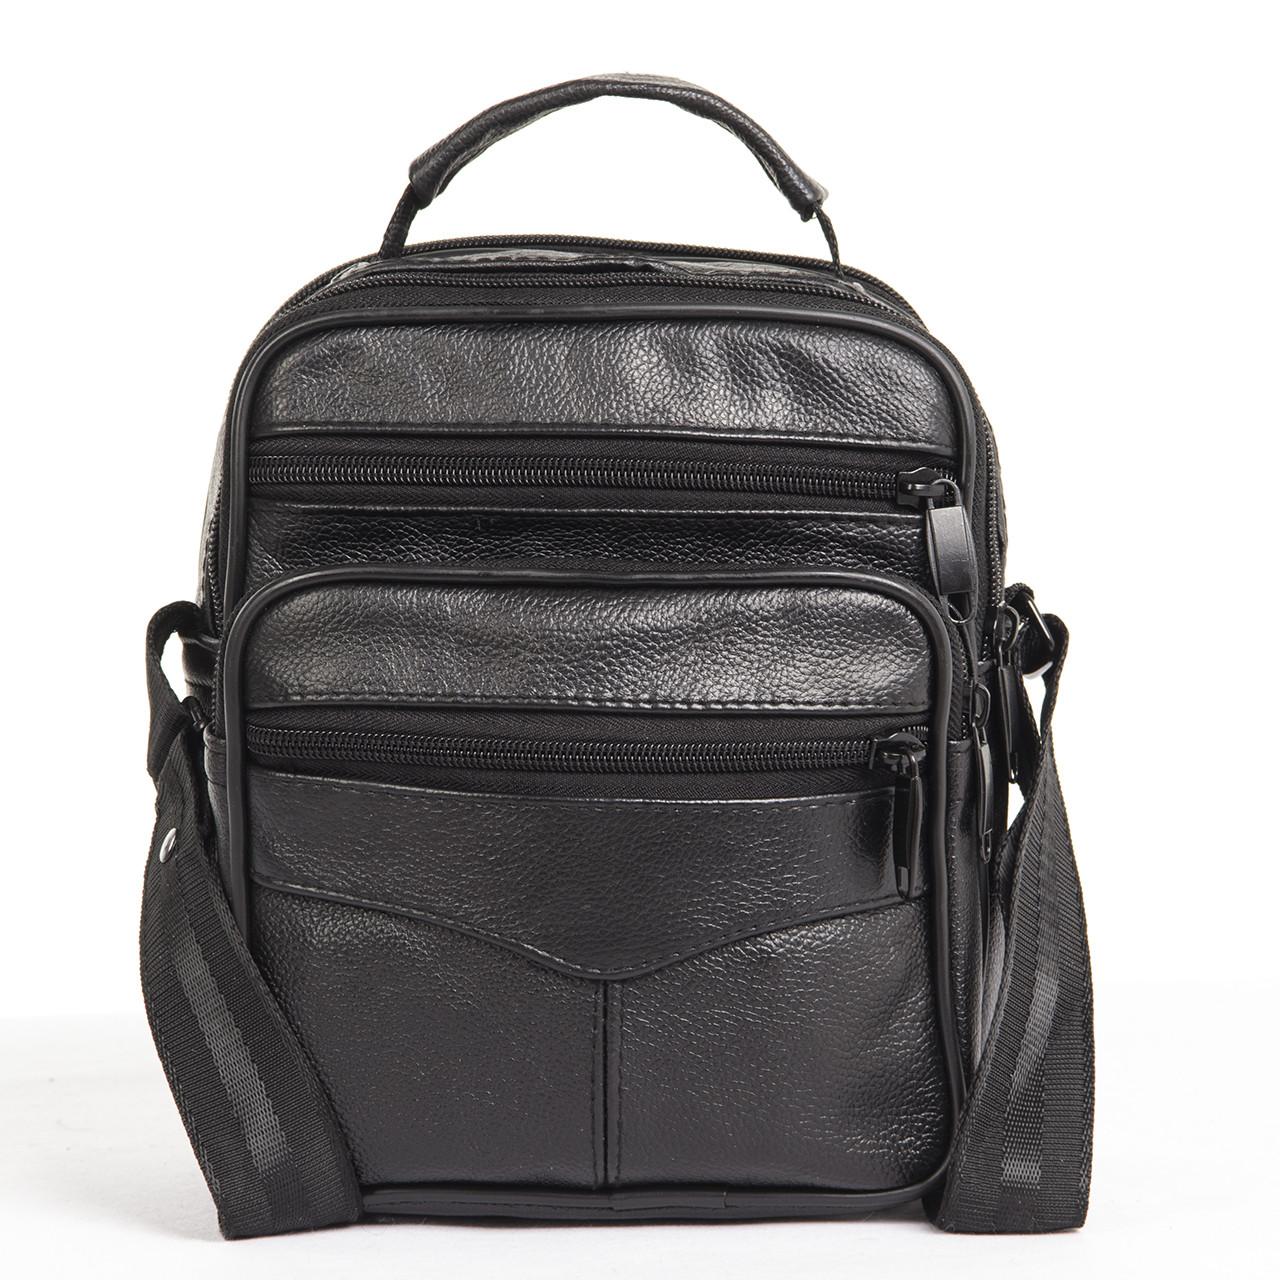 Мужская сумка BagHouse 21х18х12 вертикальная кожаная кс0516-2